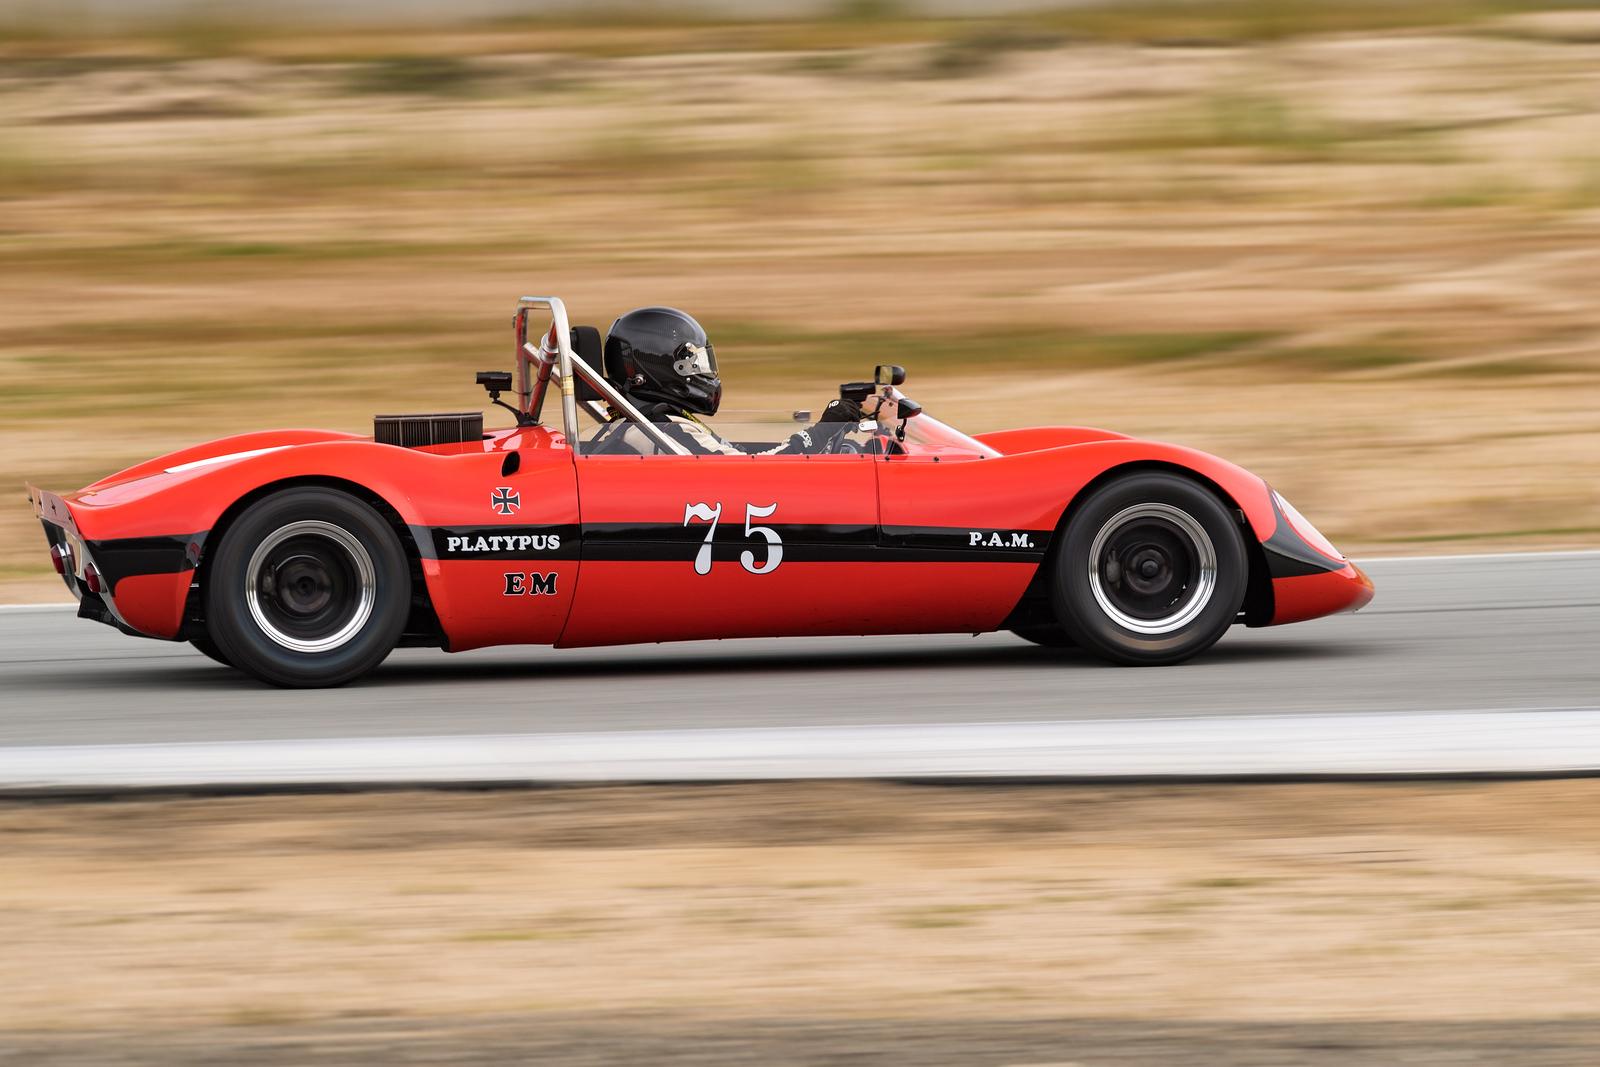 Porsche Platypus